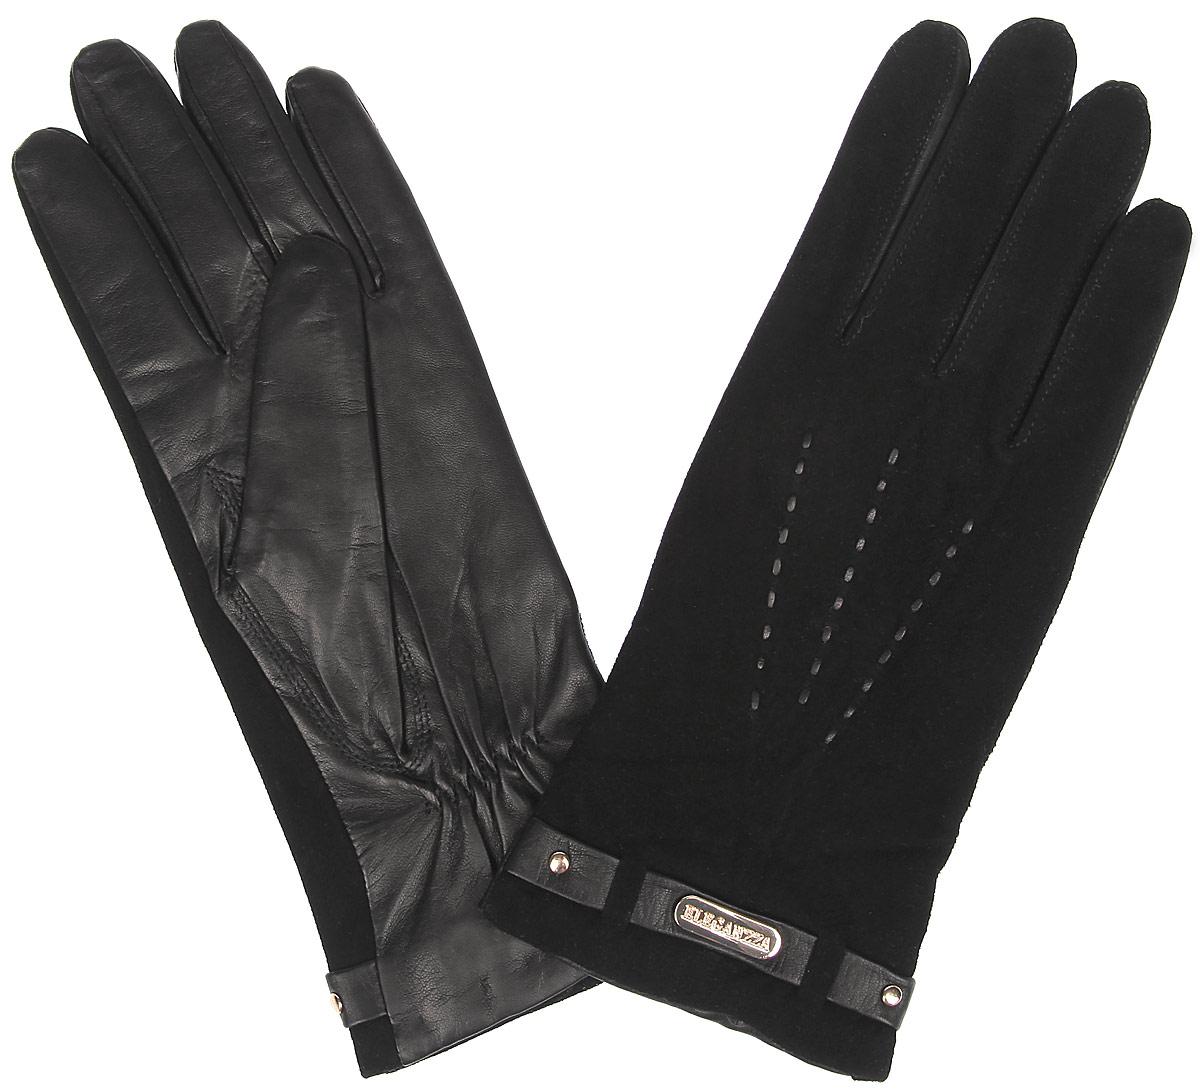 ПерчаткиHP09123Стильные женские перчатки Eleganzza не только защитят ваши руки от холода, но и станут великолепным украшением. Ладонная часть модели выполнена из натуральной кожи с гладкой поверхностью, тыльная сторона - из натуральной замши. Модель оформлена кожаным плетением три луча и декоративным кожаным ремешком с металлическим элементом с надписью Eleganzza. На запястье изделие дополнено стяжкой. В настоящее время перчатки являются неотъемлемой частью гардероба, вместе с этим аксессуаром вы обретаете женственность и элегантность. Перчатки станут завершающим и подчеркивающим элементом вашего стиля и неповторимости.